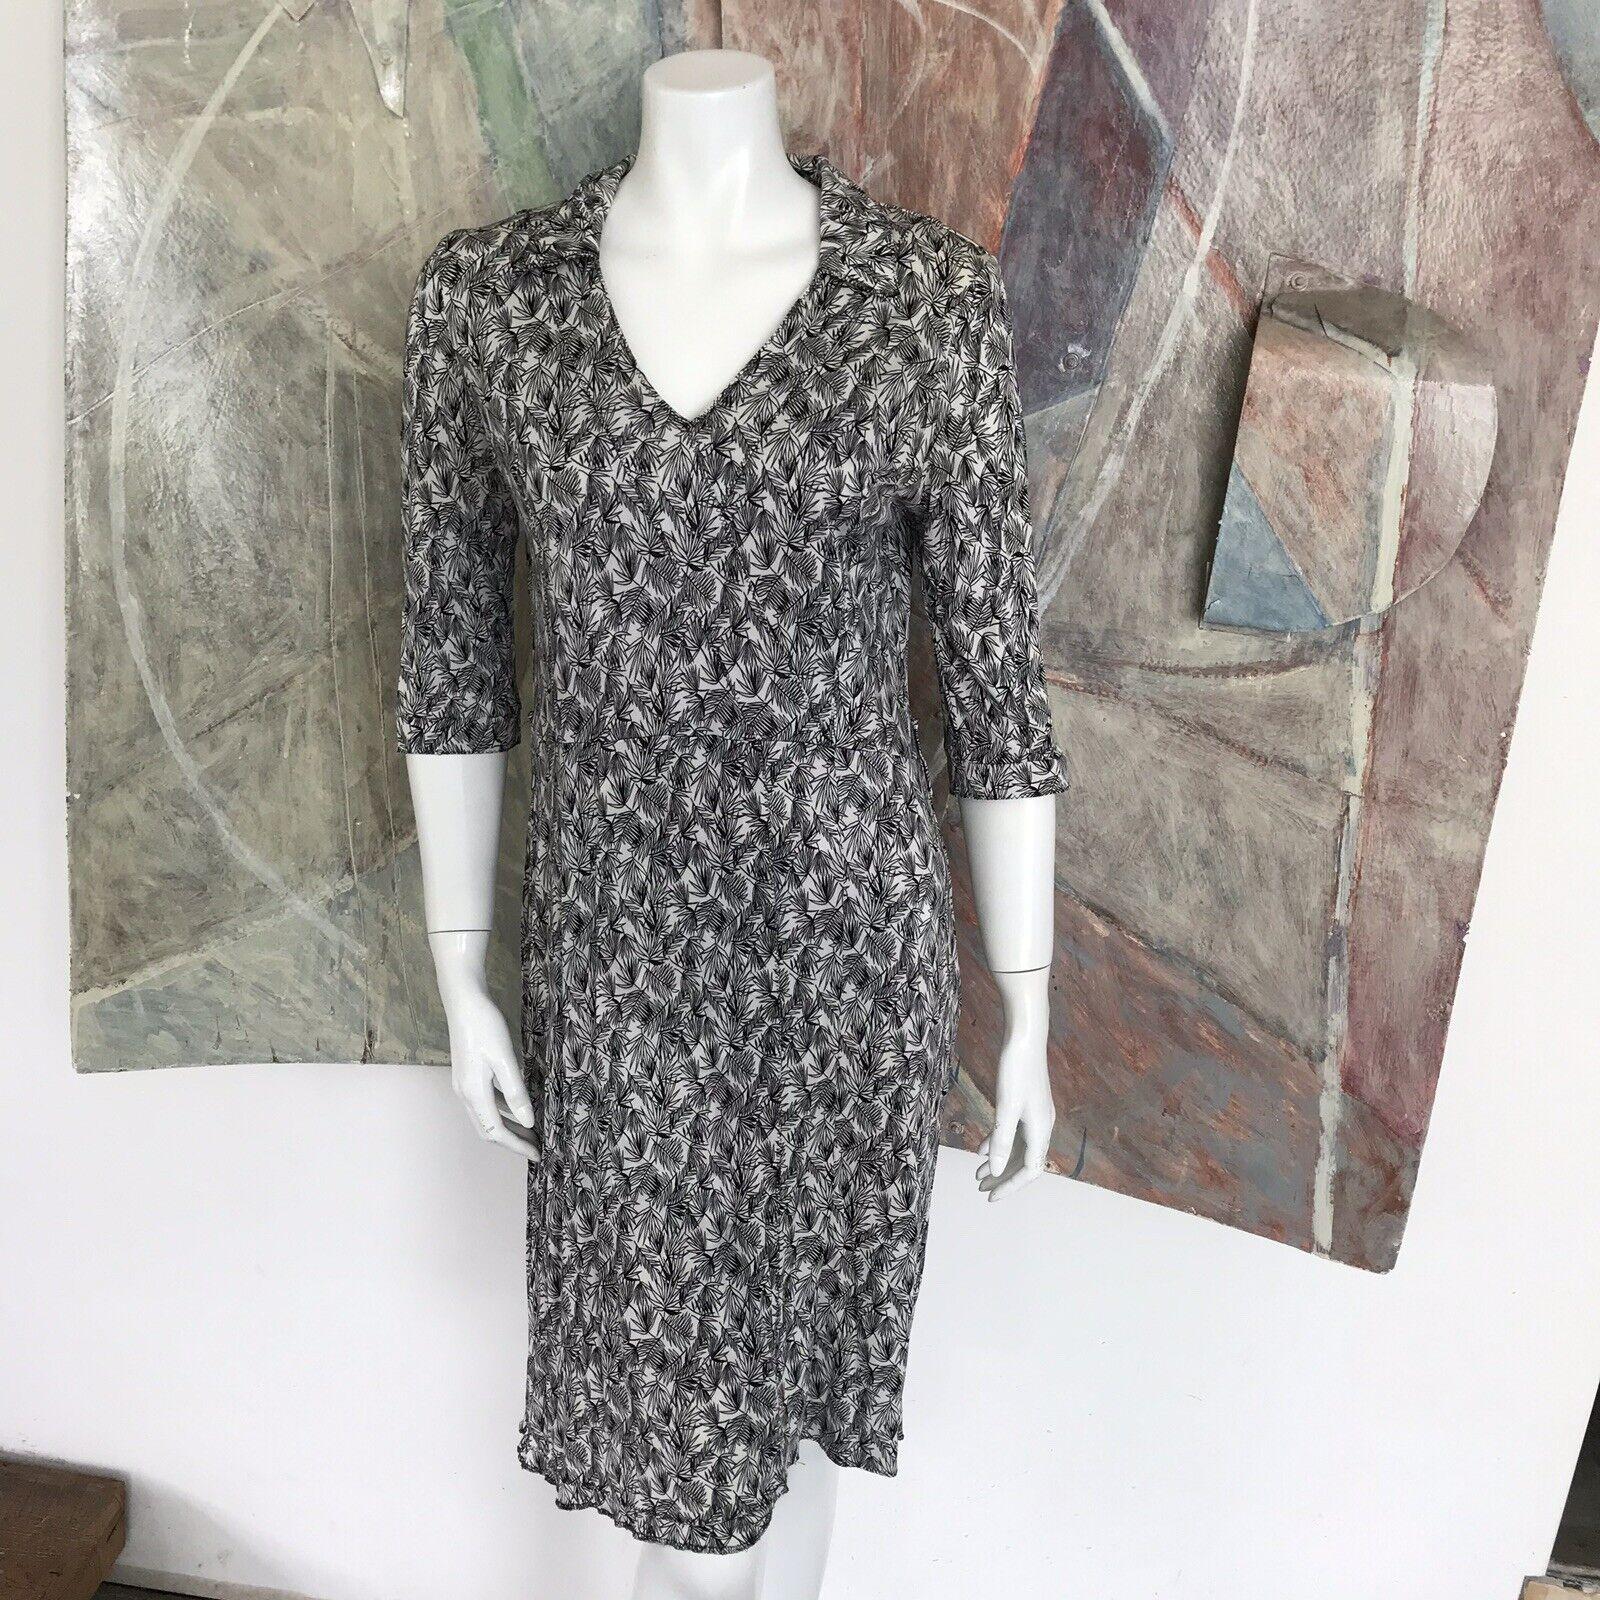 Whistles London Seide Muster Knielang Knielanges Schwarz Weißes Kleid Größe 10